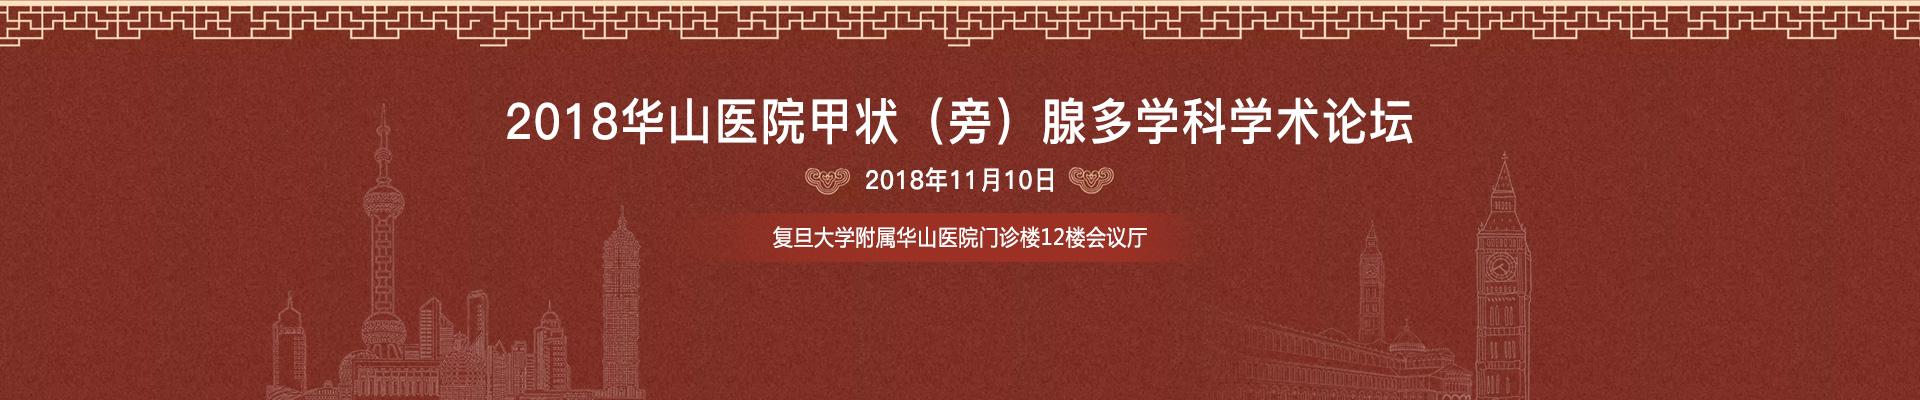 2018华山医院甲状(旁)腺多学科学术论坛